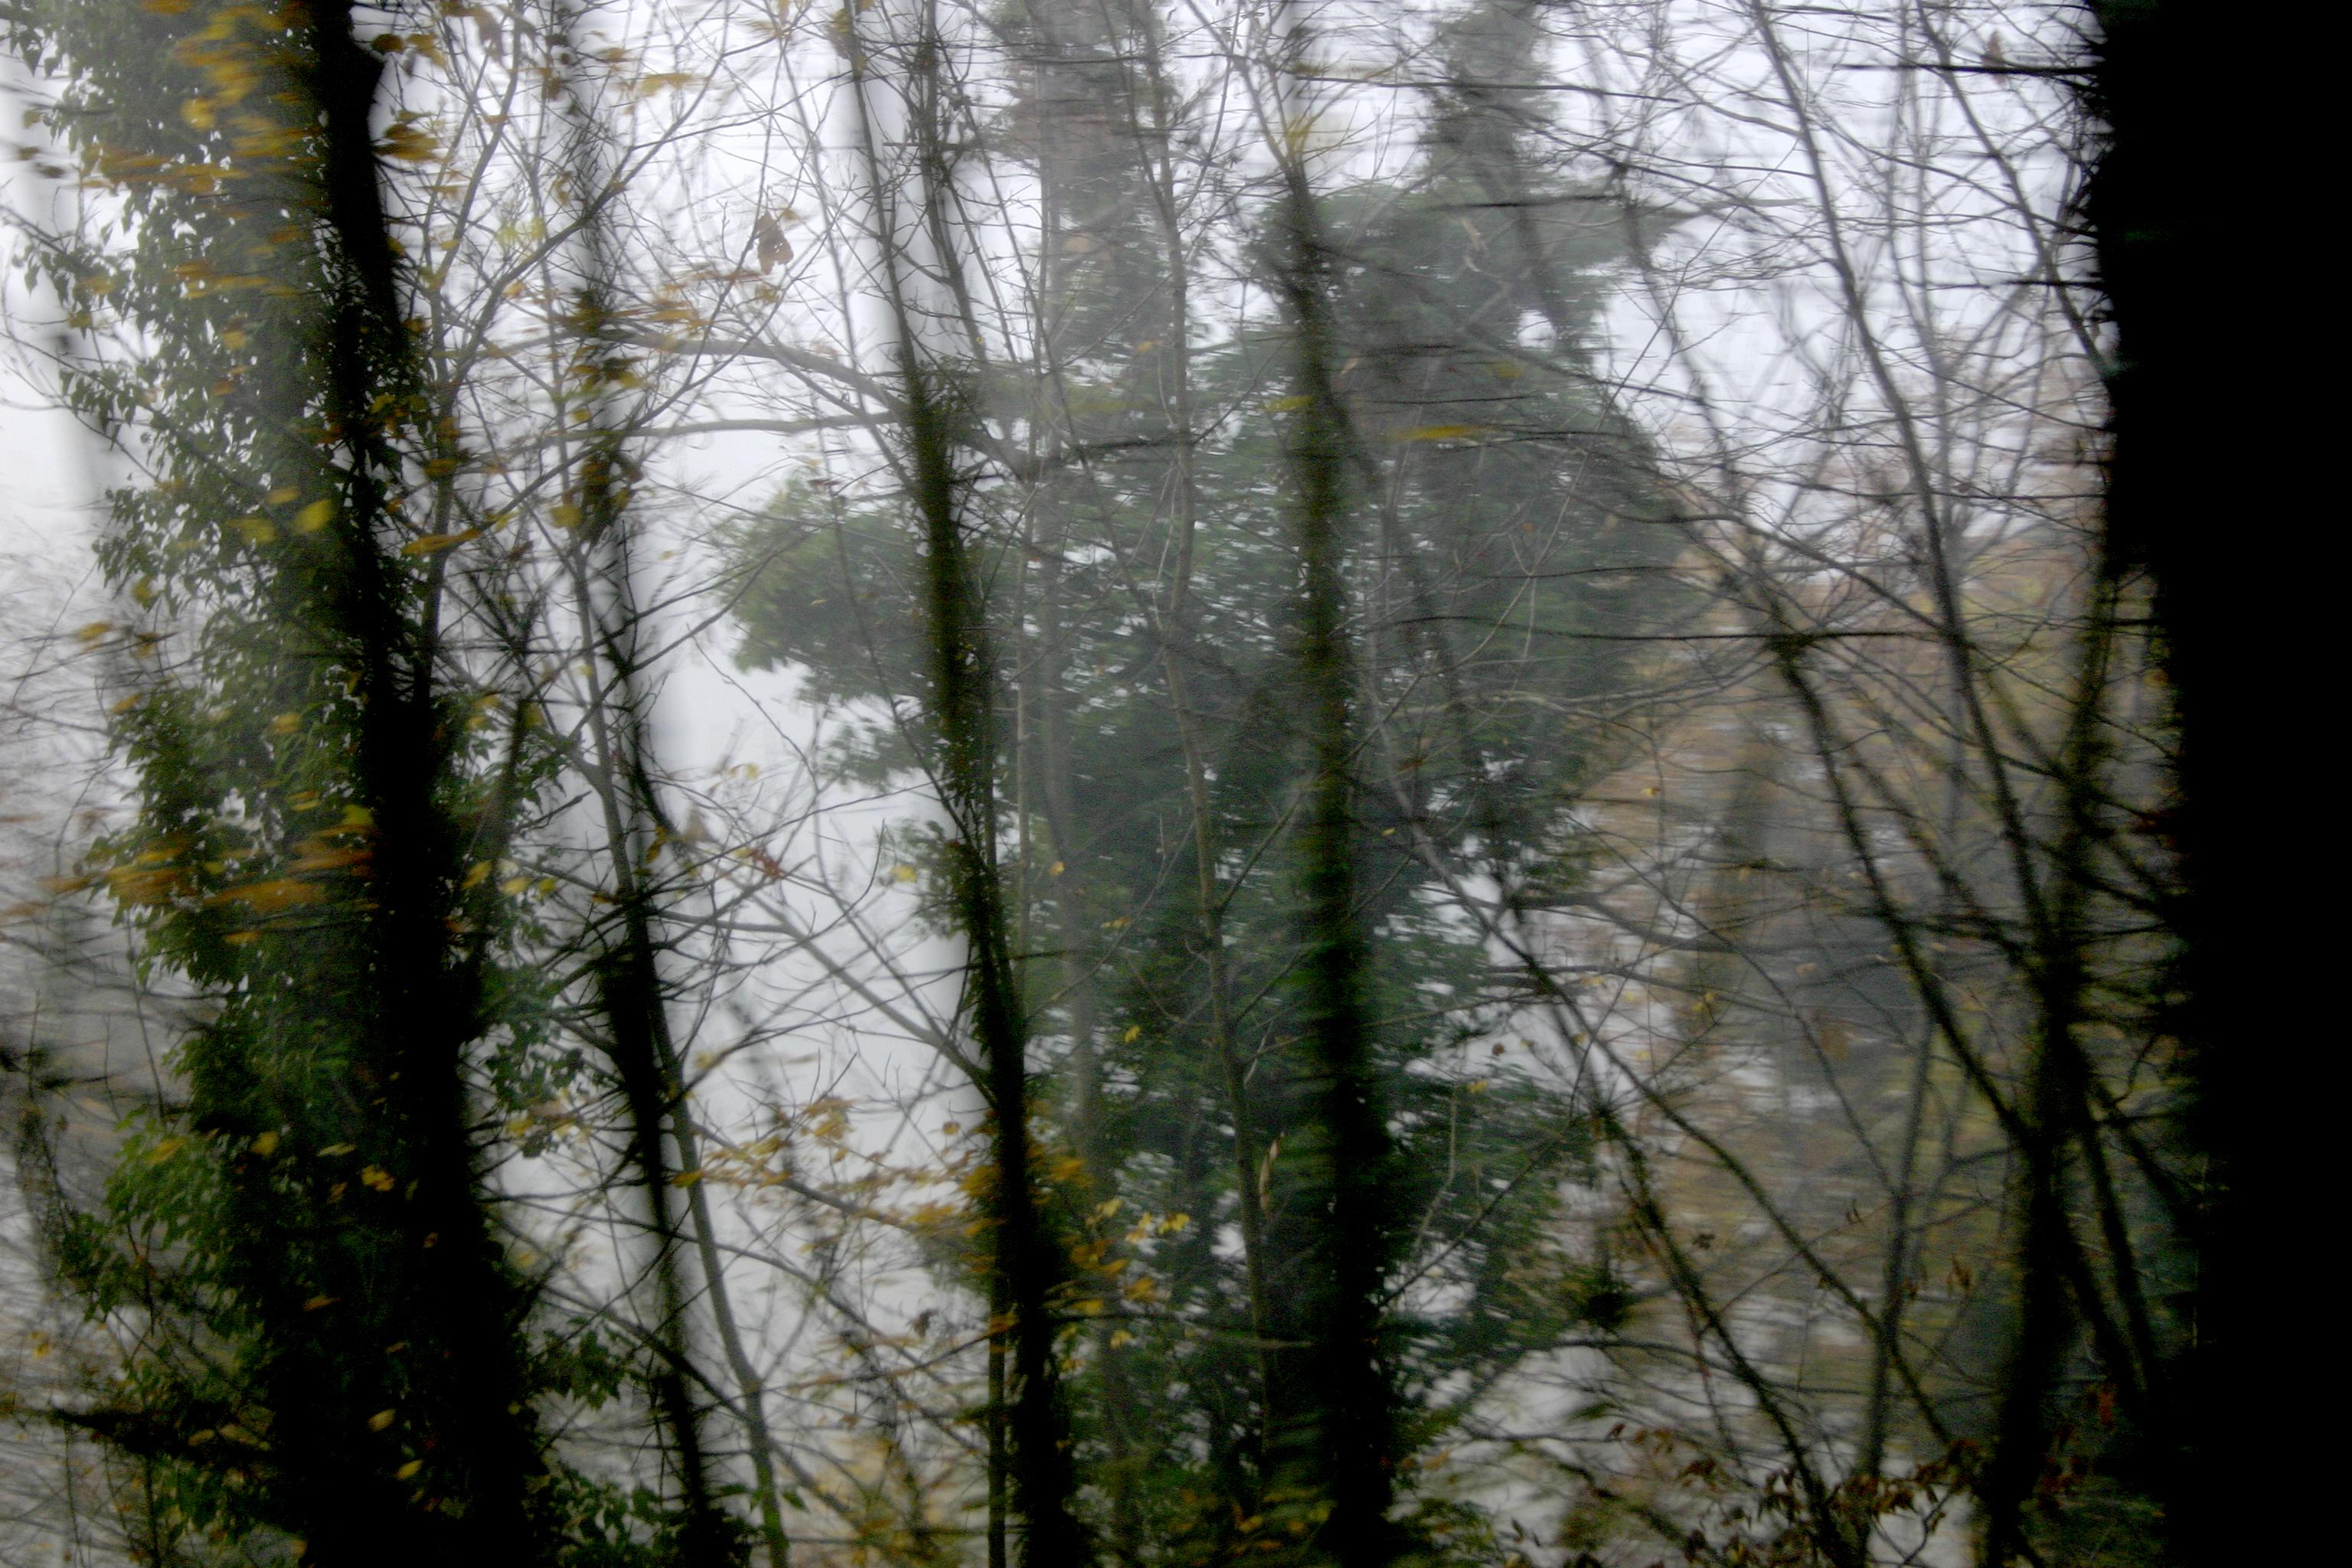 Trees and nebia, Corciano, Italy